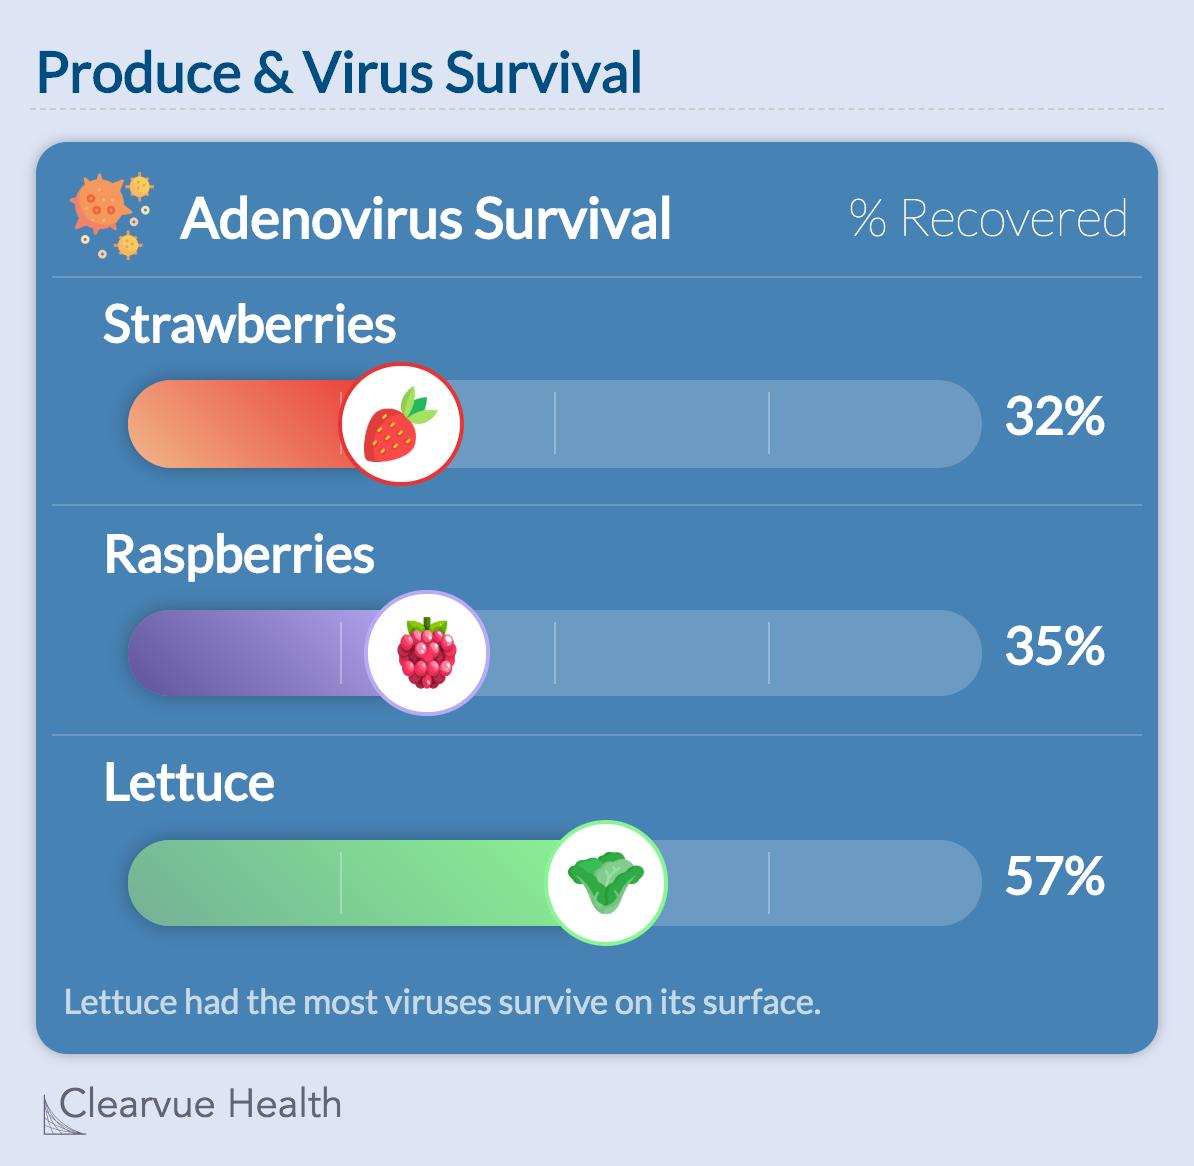 Produce & Virus Survival